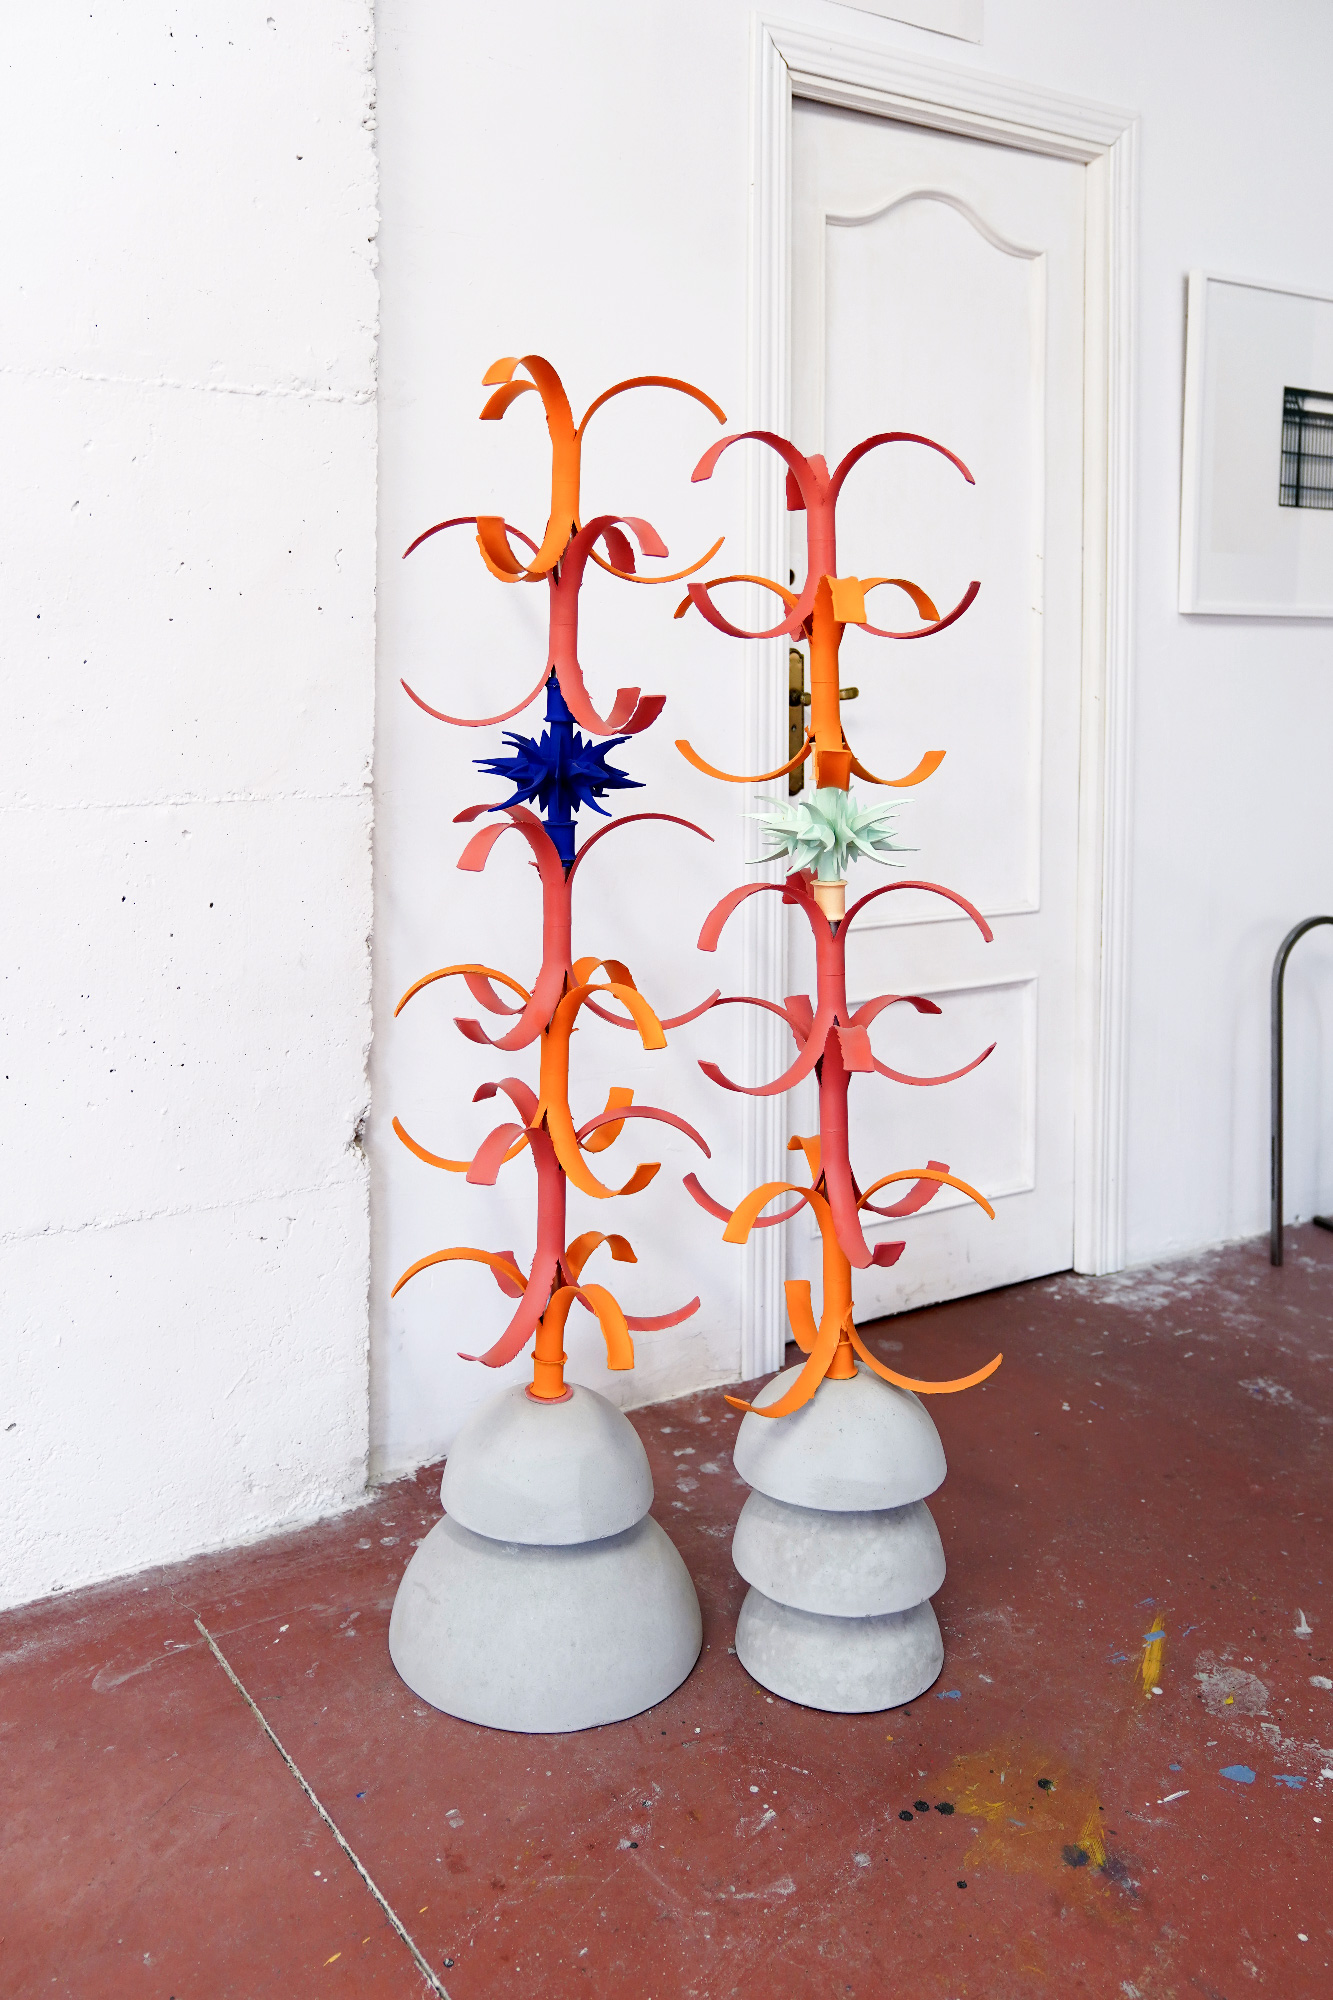 CaballeroCosmica-ExhibitionPhoto-Openstudio-Tamara-Arroyo-6-.jpg